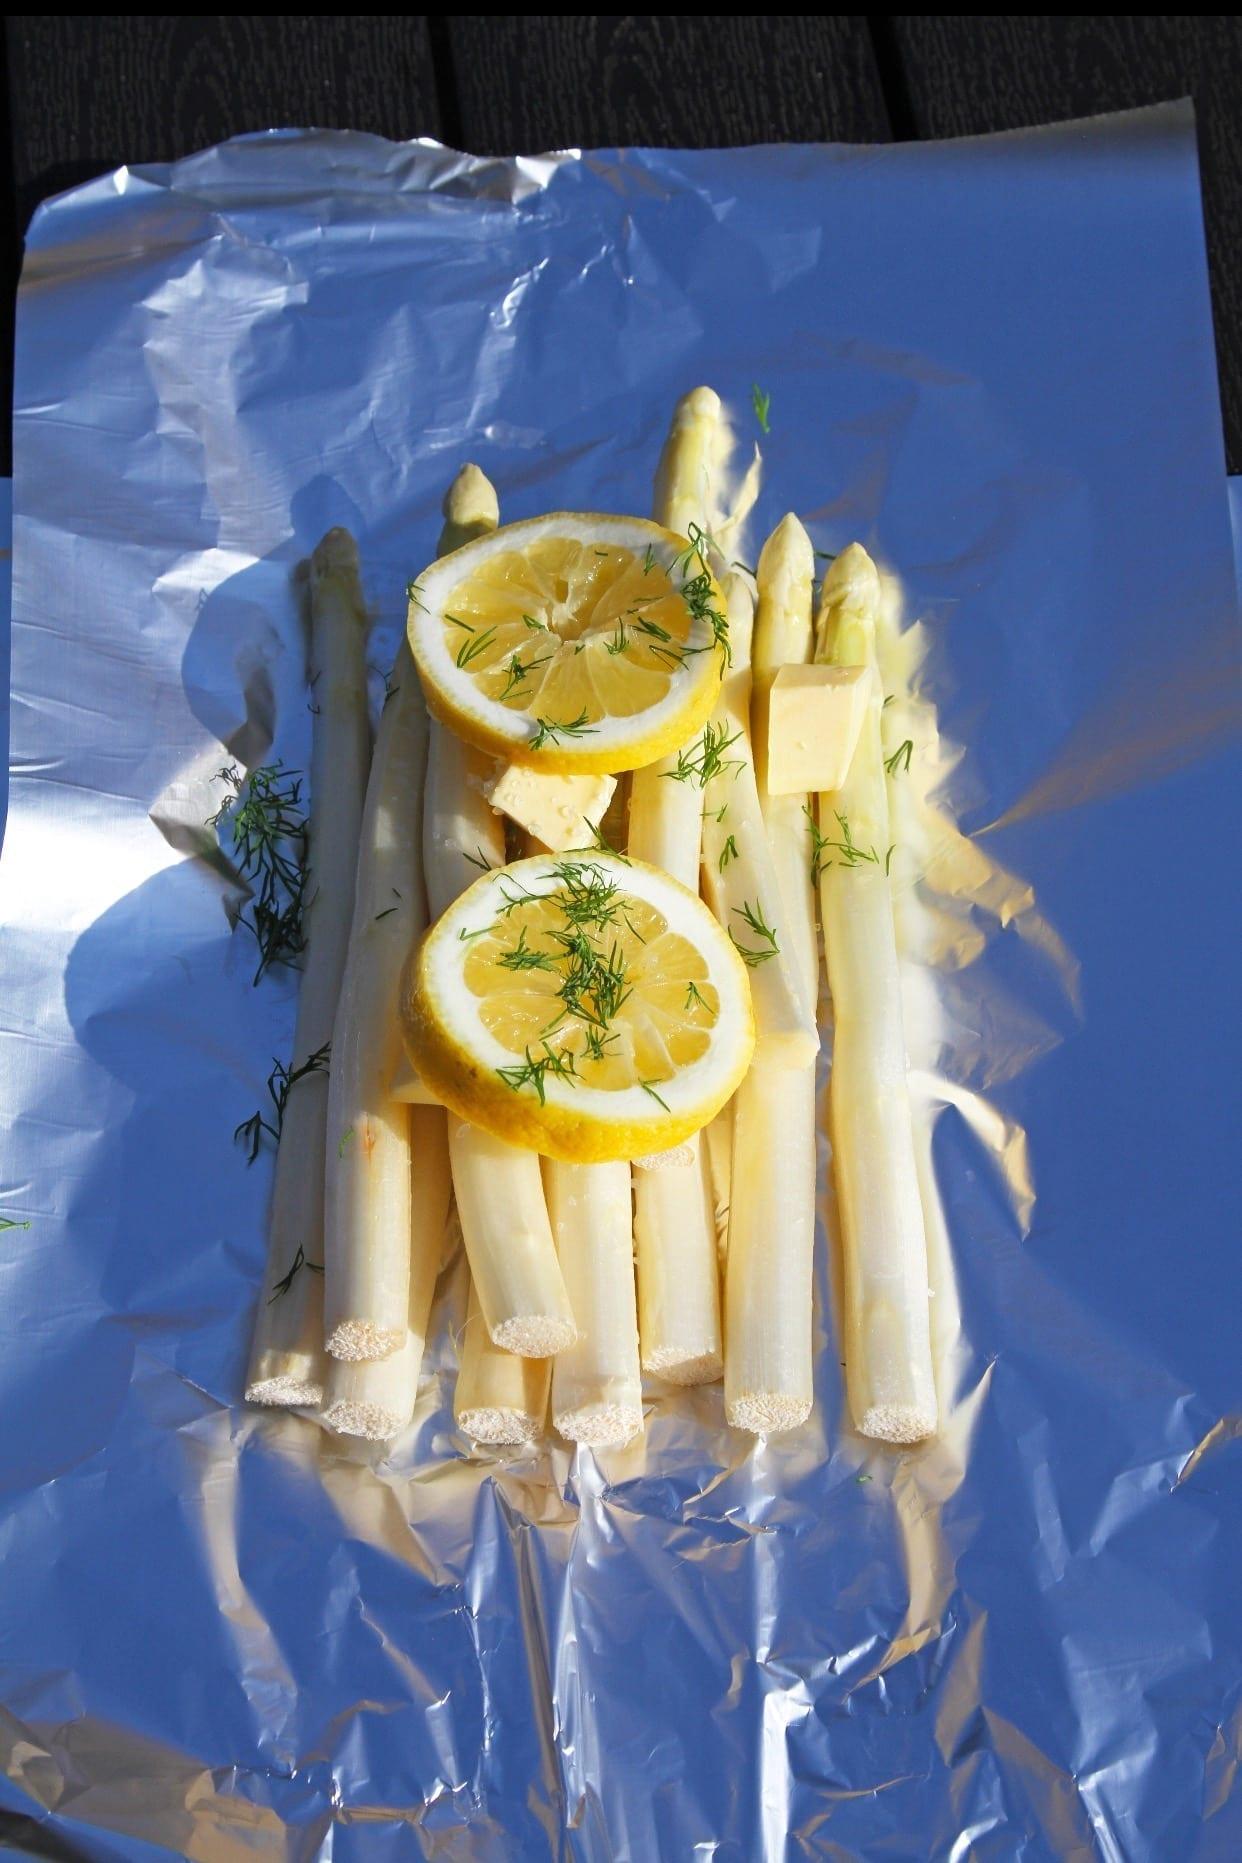 hvideapargesgrill Grillet hvide asparges - lchf - palæo - keto